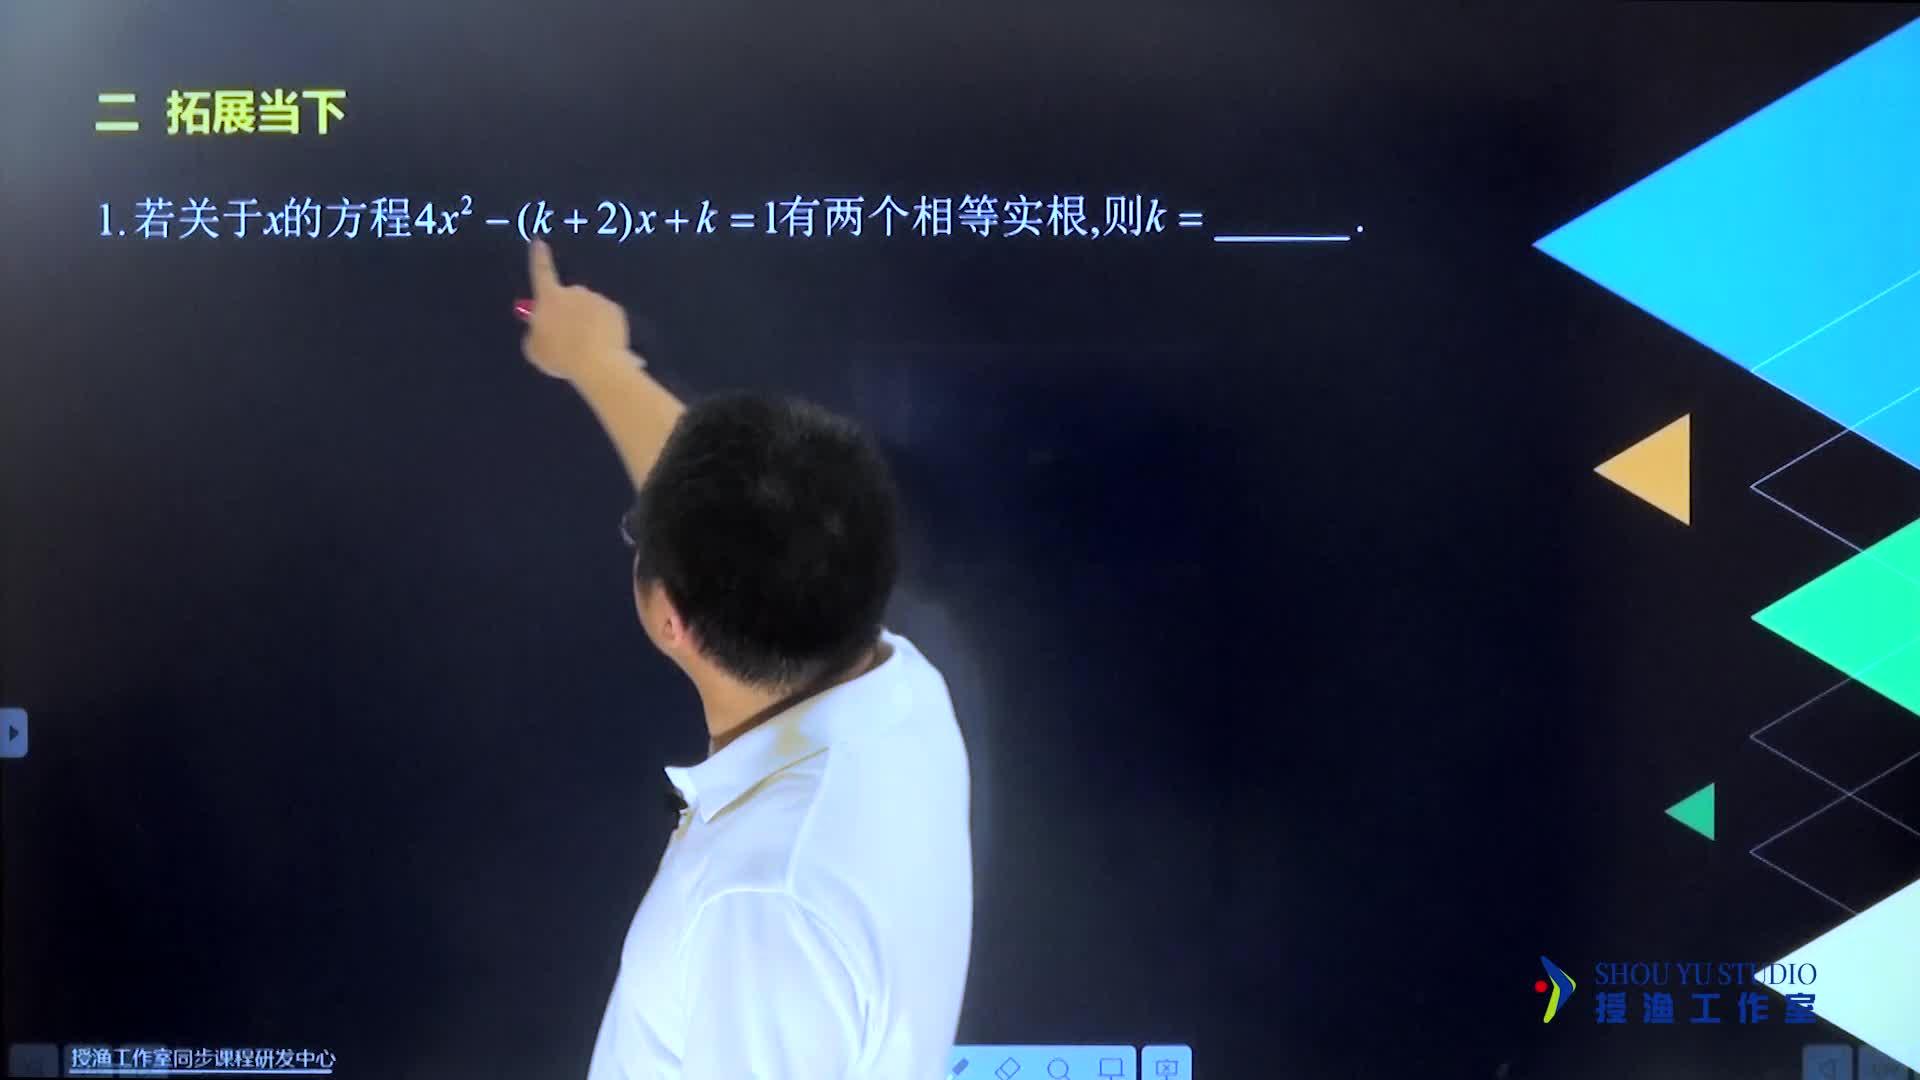 視頻2.2 判別式與韋達定理  拓展當下-2019年《初高中銜接課》教材數學